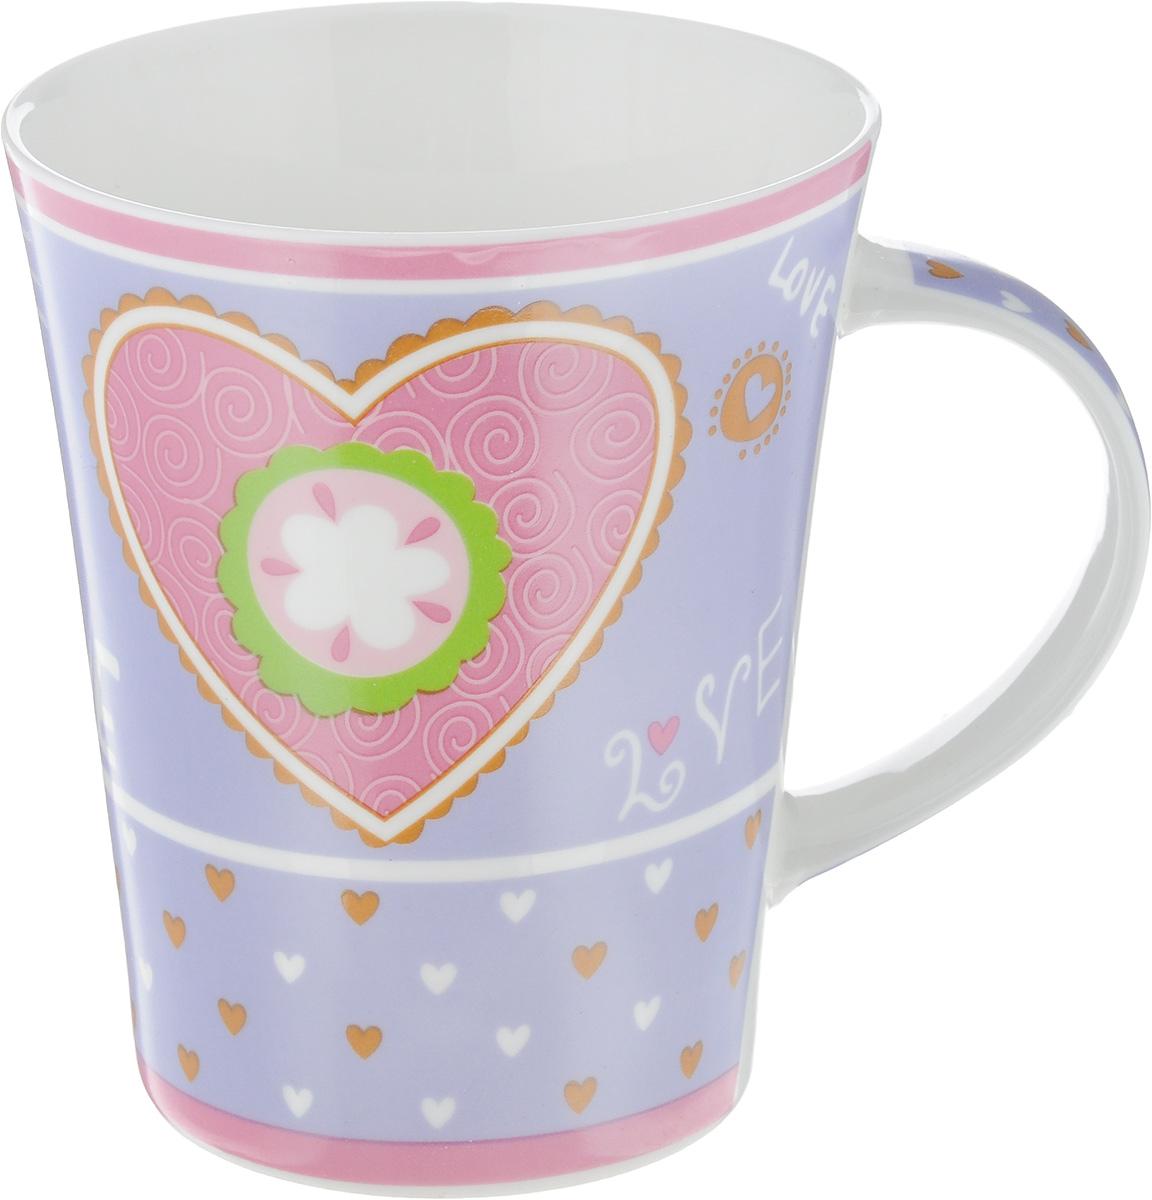 Кружка Loraine Love, цвет: сиреневый, розовый, 400 мл22119_сиреневый, розовыйОригинальная кружка Loraine Love выполнена из высококачественного фарфора и украшена изображением сердечек и надписями. Изделие оснащено эргономичной ручкой. Кружка Loraine Love сочетает в себе яркий дизайн и функциональность. Она согреет вас долгими холодными вечерами. Диаметр кружки (по верхнему краю): 9 см. Высота кружки: 11 см. Объем: 400 мл.